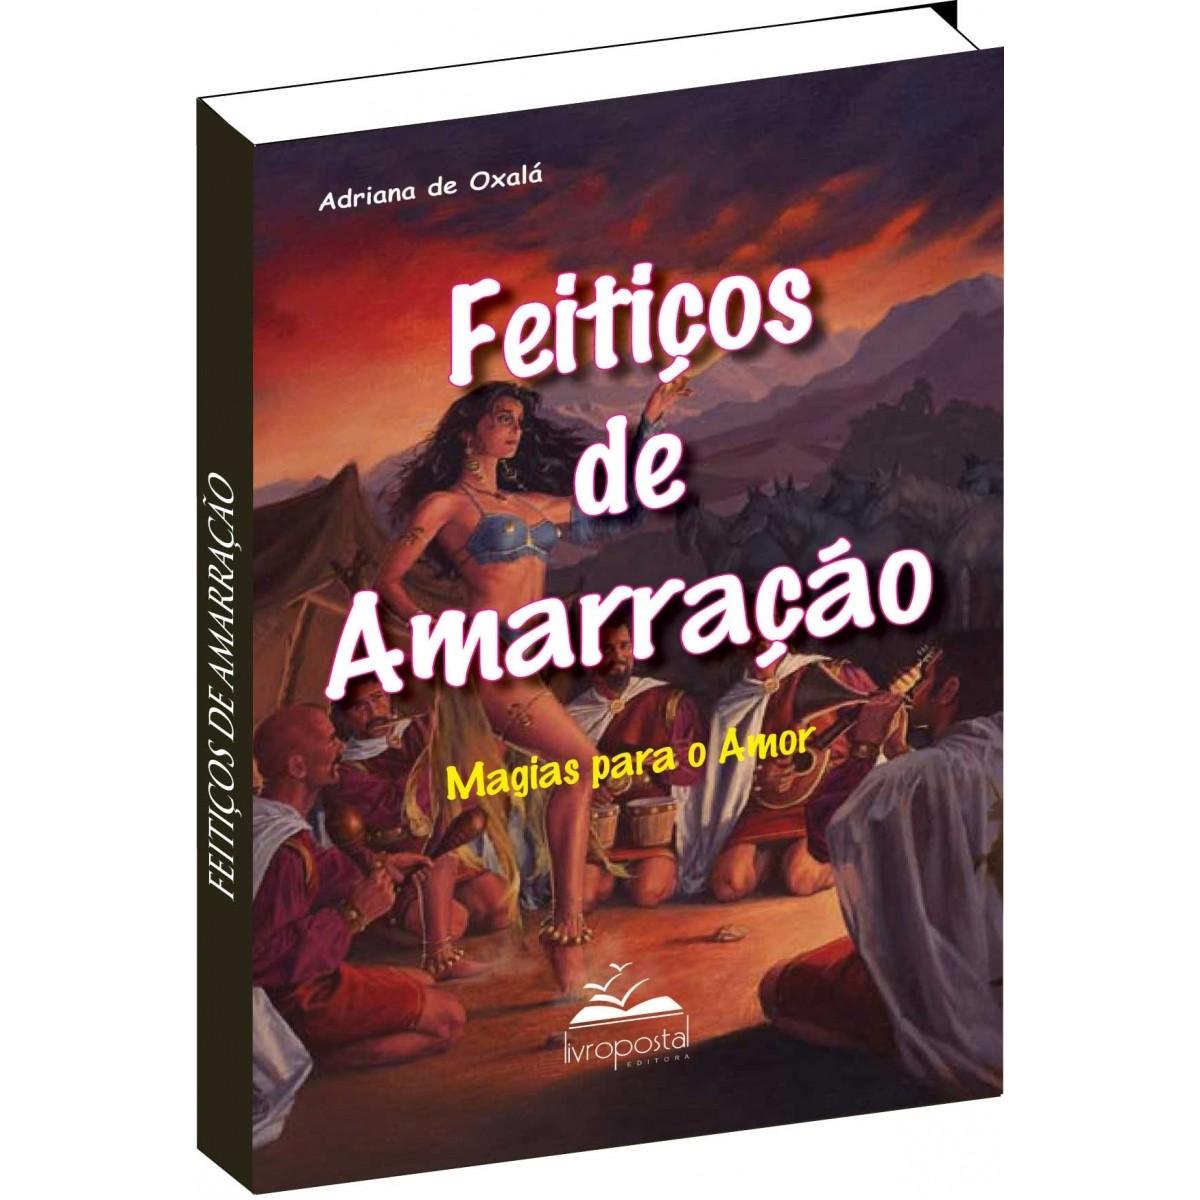 Ebook do Livro - Feitiços de Amarração  - Livropostal Editora